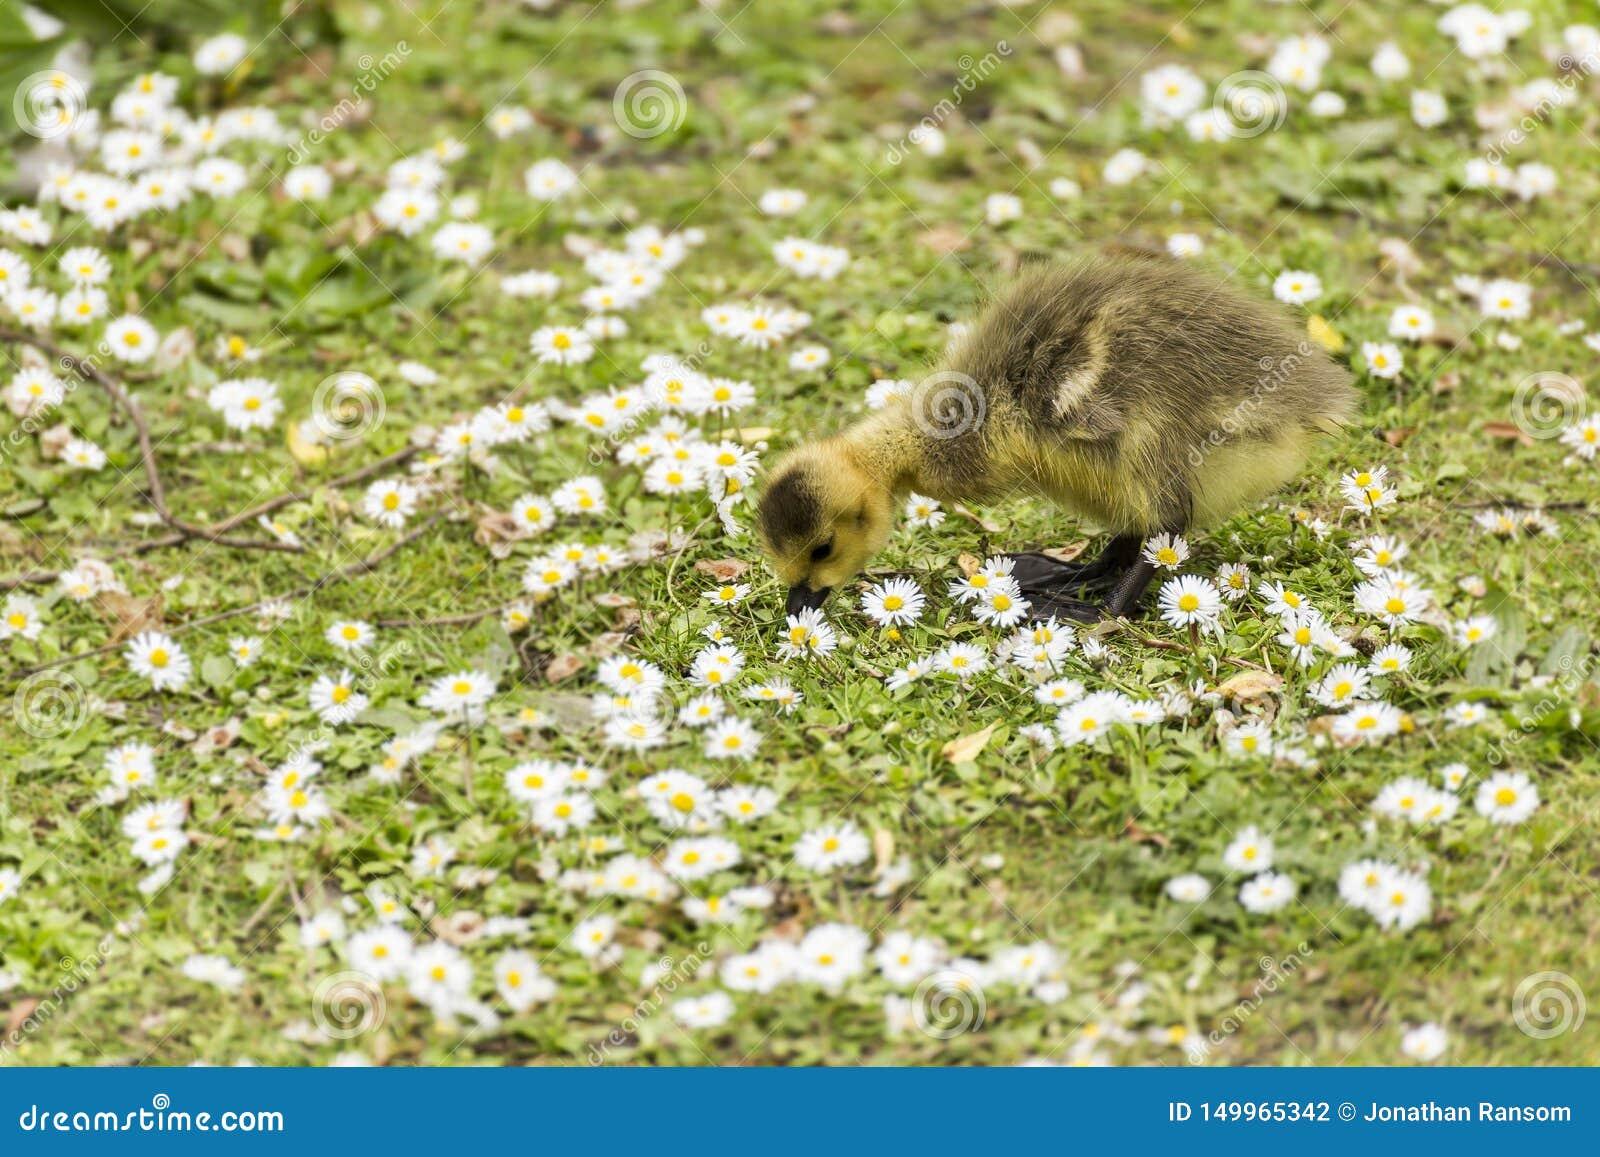 Младенец Gosling клюя для еды на том основании среди моря маргариток